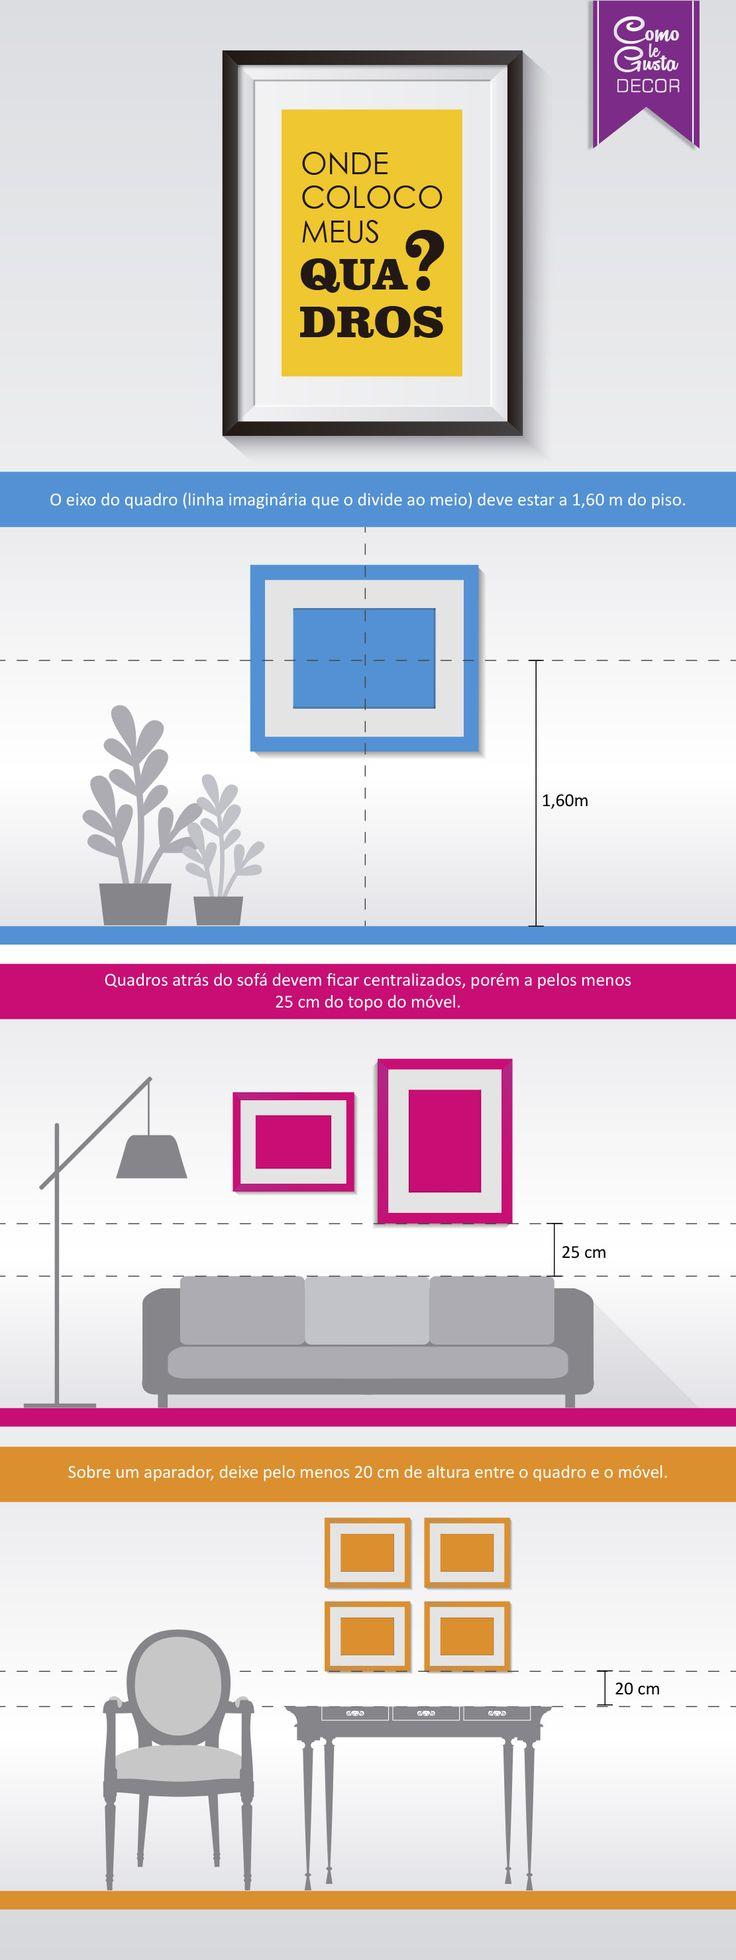 Tem dúvidas de como pendurar os quadros? Veja tudo o que precisa saber para transformar qualquer parede sem graça em um ambiente totalmente novo.  Veja o post: http://comolegustadecor.com.br/2015/04/guia-sobre-quadros-parte-1/